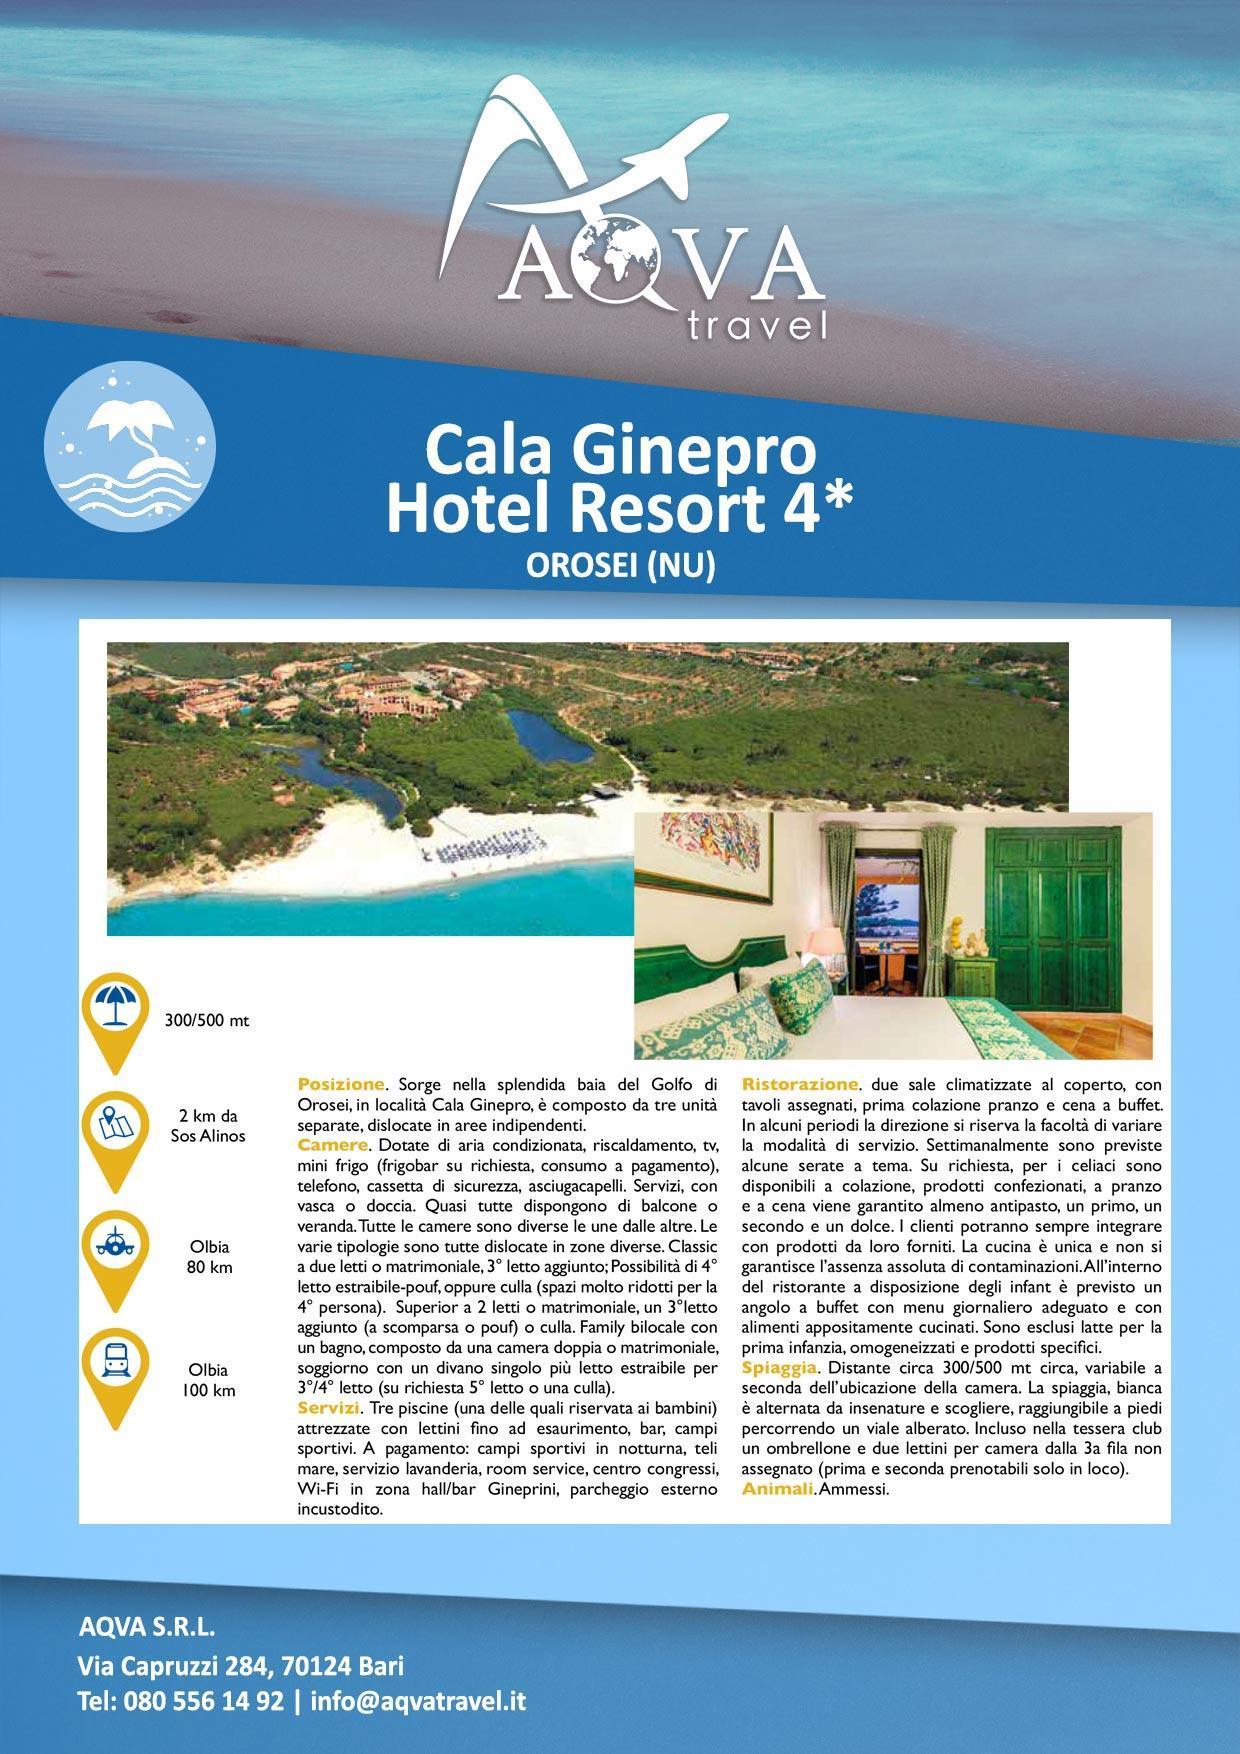 Cala-Ginepro-Hotel-Resort-Mare-offerte-agenzia-di-viaggi-Bari-AQVATRAVEL-it